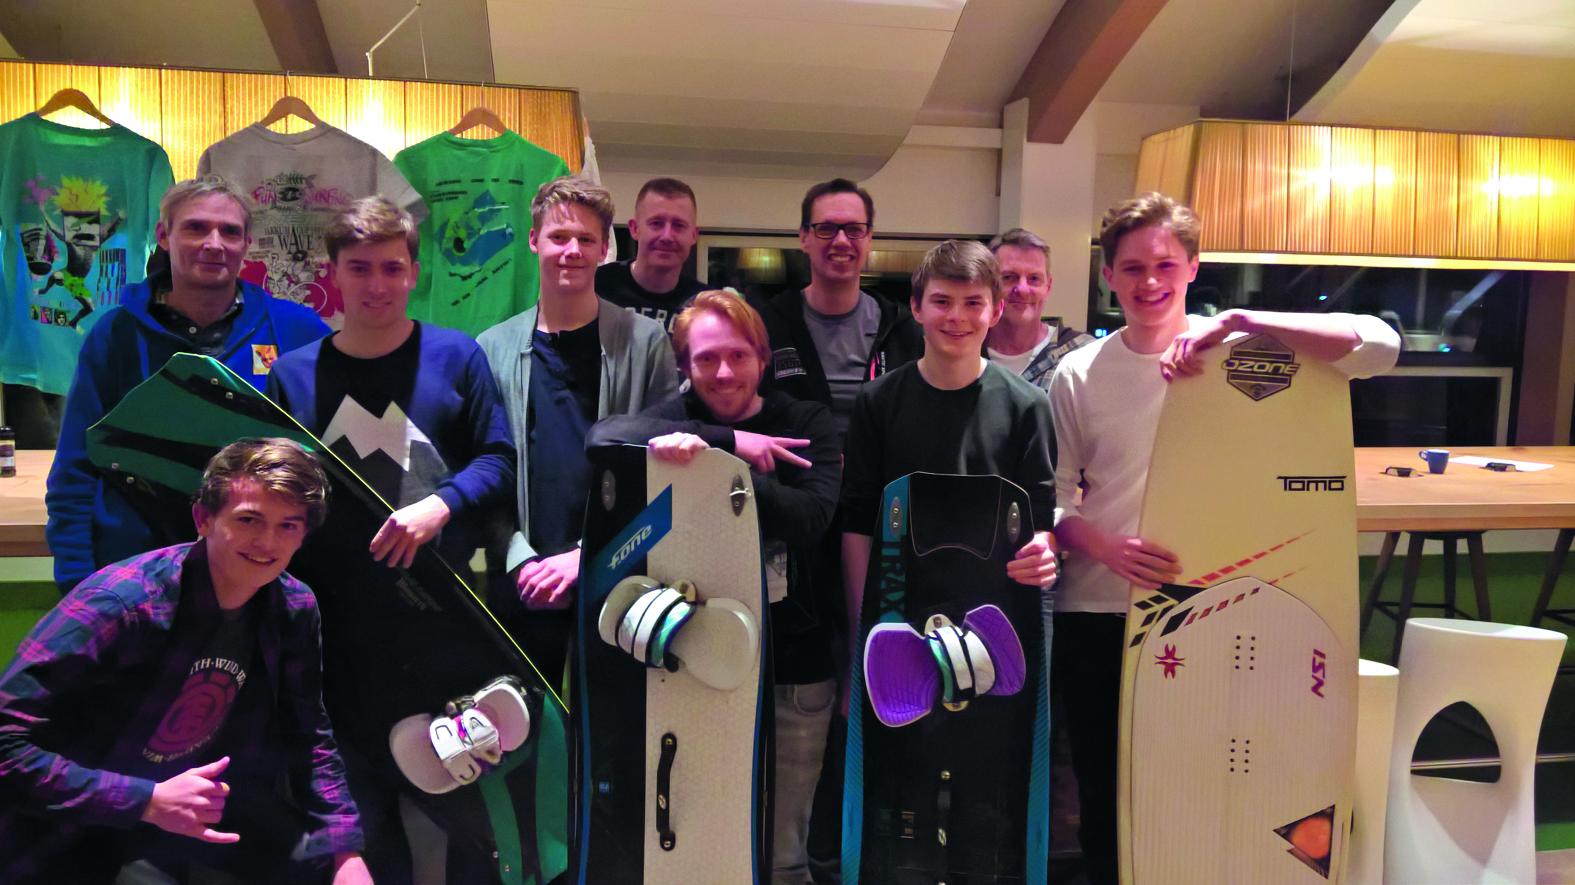 Evenementen Commissie en Bestuur van Surfvereniging FreakWave.